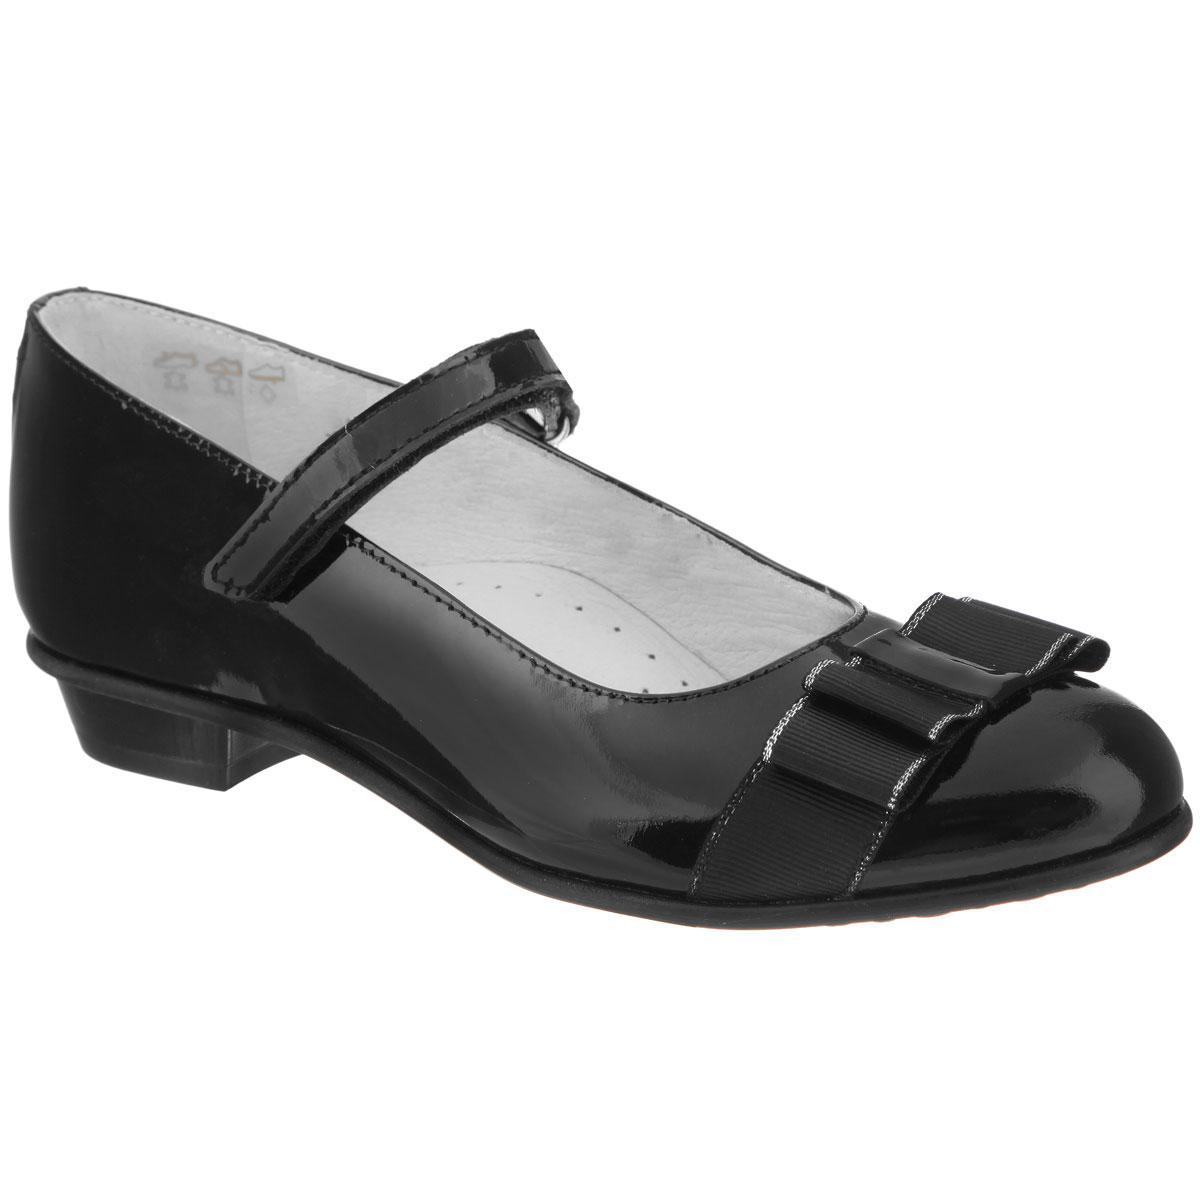 Туфли для девочки. 5-5045914015-504591401Элегантные туфли от Elegami придутся по душе вашей юной моднице! Модель на небольшом устойчивом каблучке изготовлена из натуральной лакированной кожи и оформлена на мысе двойным текстильным бантом. Ремешок на застежке-липучке гарантирует оптимальную посадку обуви на ноге. Стелька из натуральной кожи дополнена супинатором, который обеспечивает правильное положение ноги ребенка при ходьбе, предотвращает плоскостопие. Рифленая поверхность подошвы и каблука обеспечивает хорошее сцепление с поверхностью. Удобные туфли - незаменимая вещь в гардеробе каждой девочки.